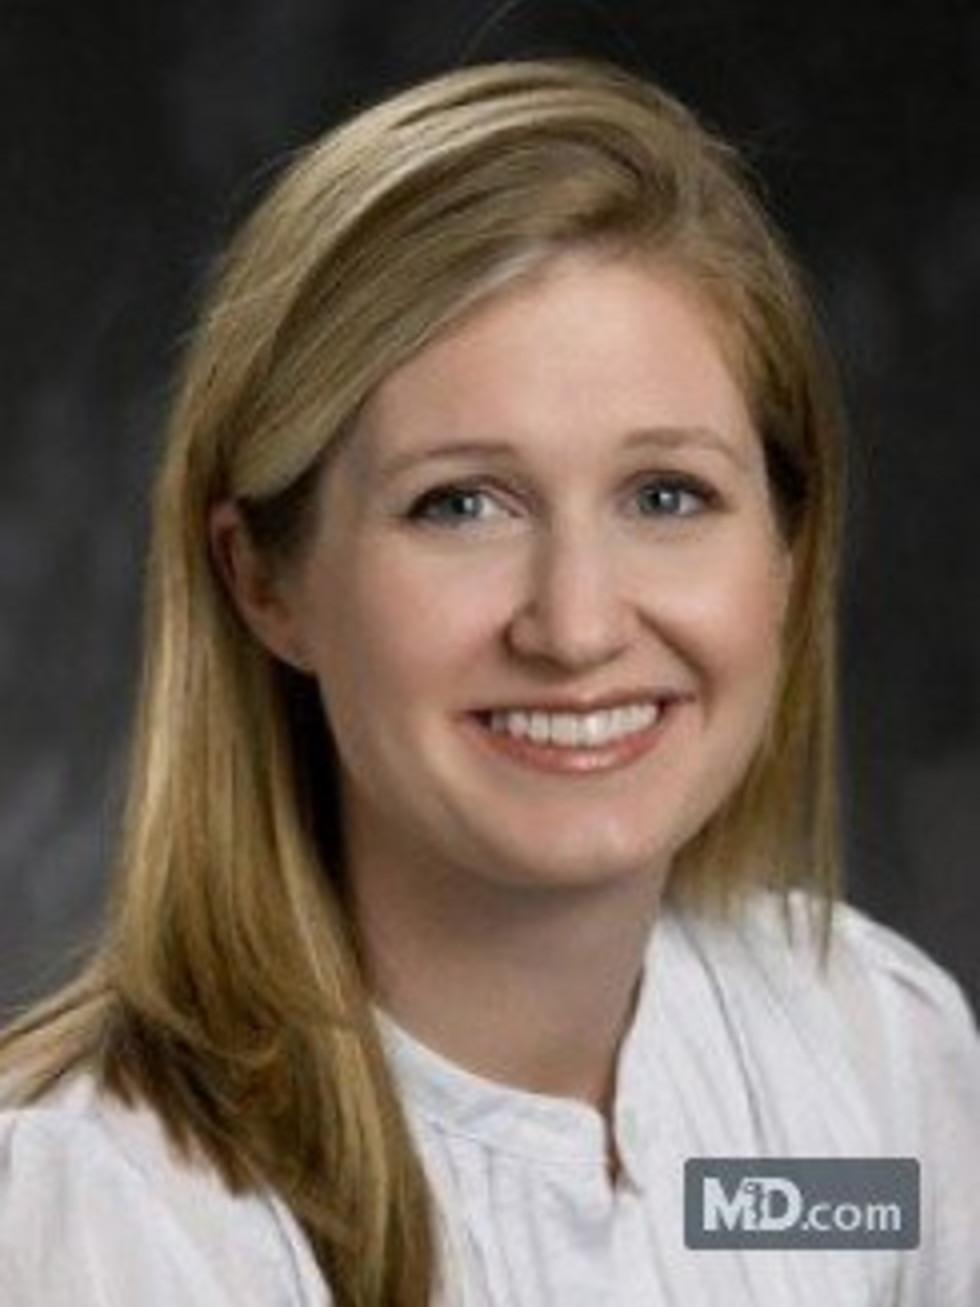 Dr Katherine Dodson